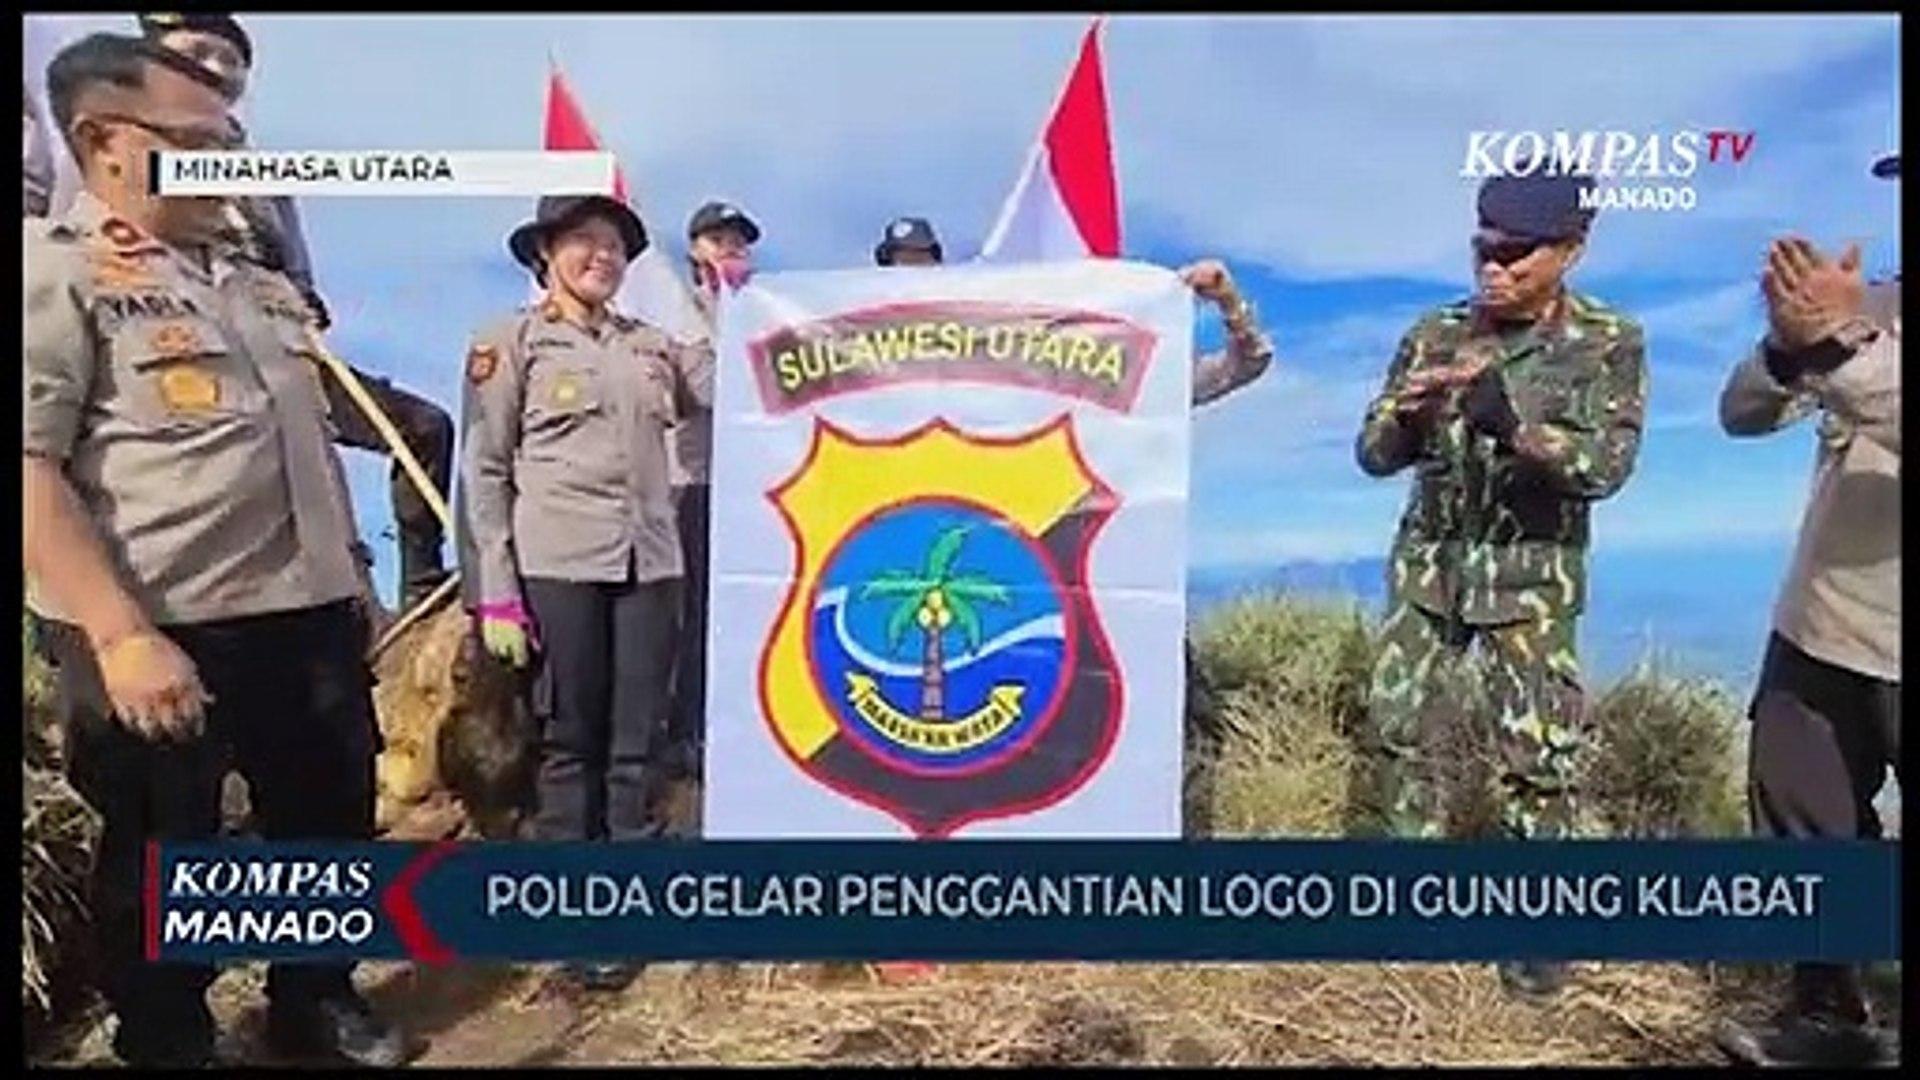 Soft Launching Logo Dan Pataka Polda Sulut Di Puncak Gunung Klabat Video Dailymotion